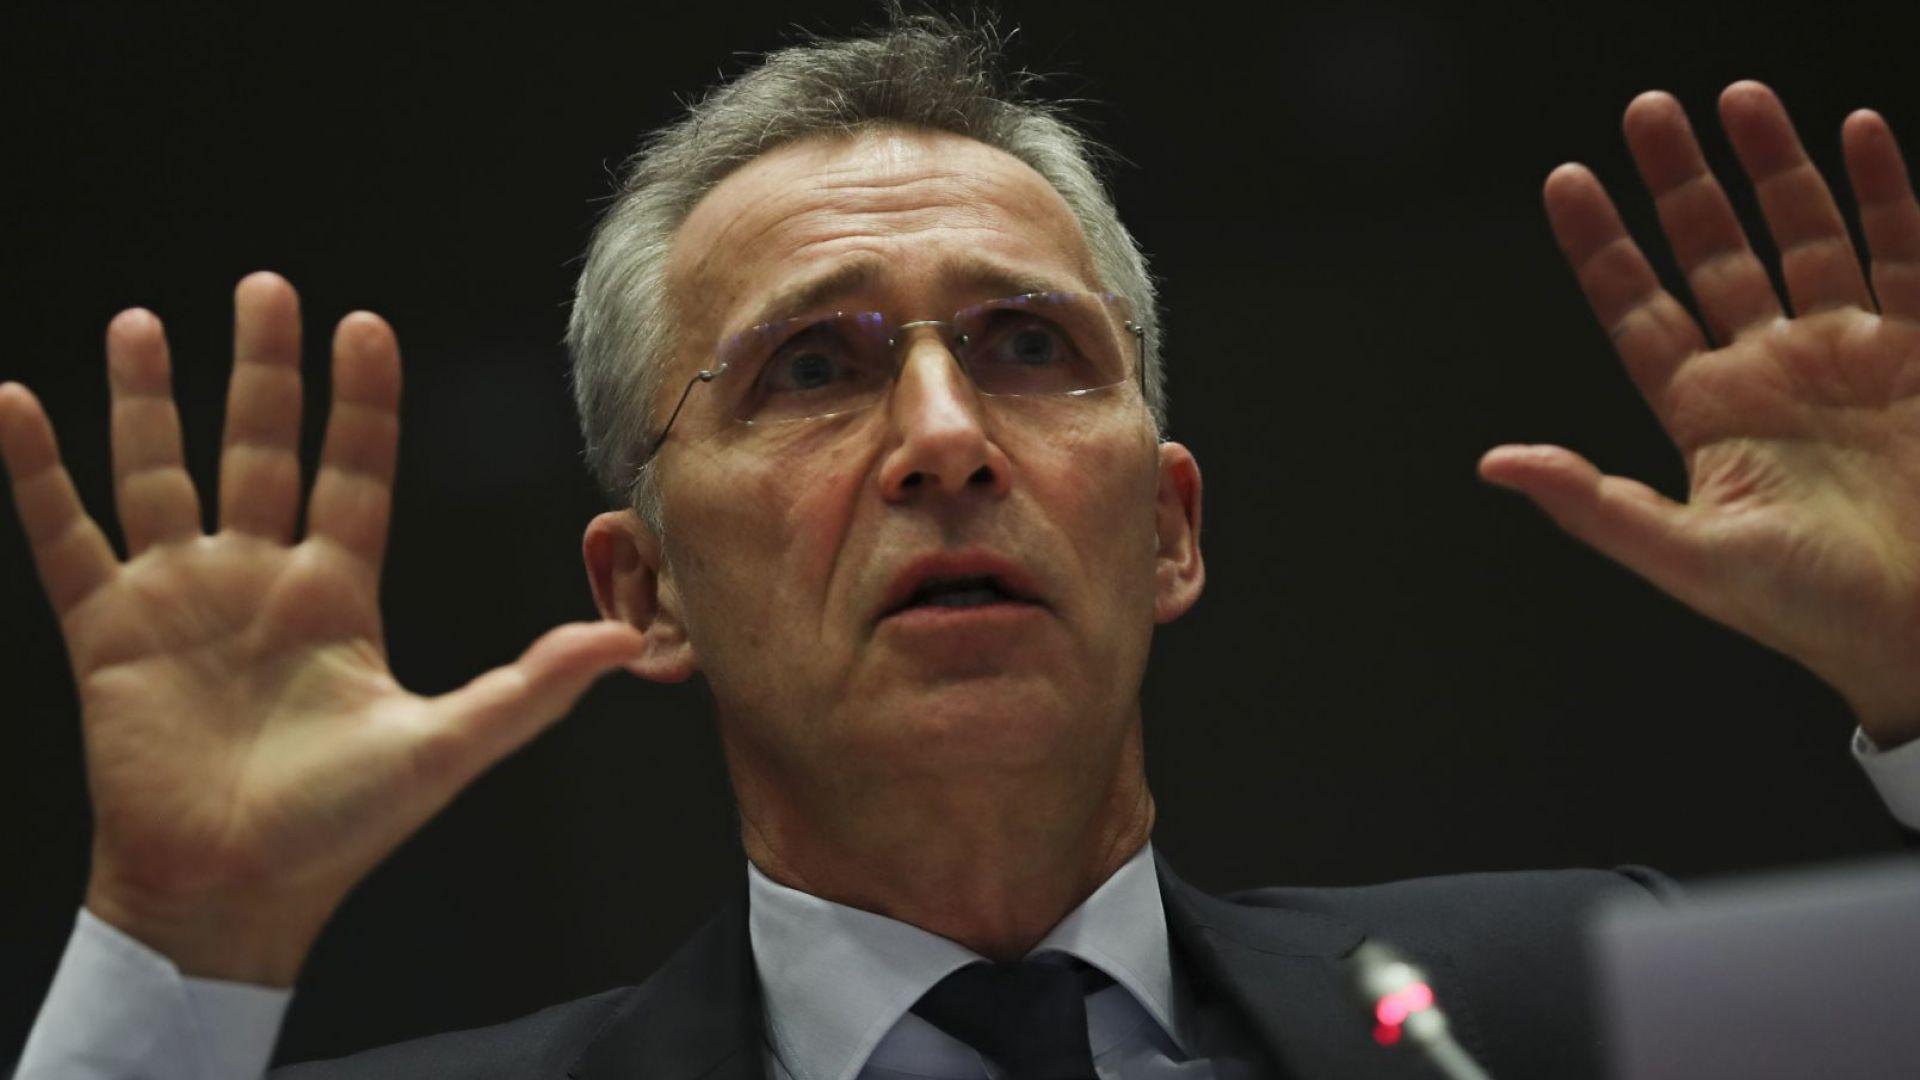 НАТО обяви най-голямото придвижване на войски от САЩ към Европа от Студената война